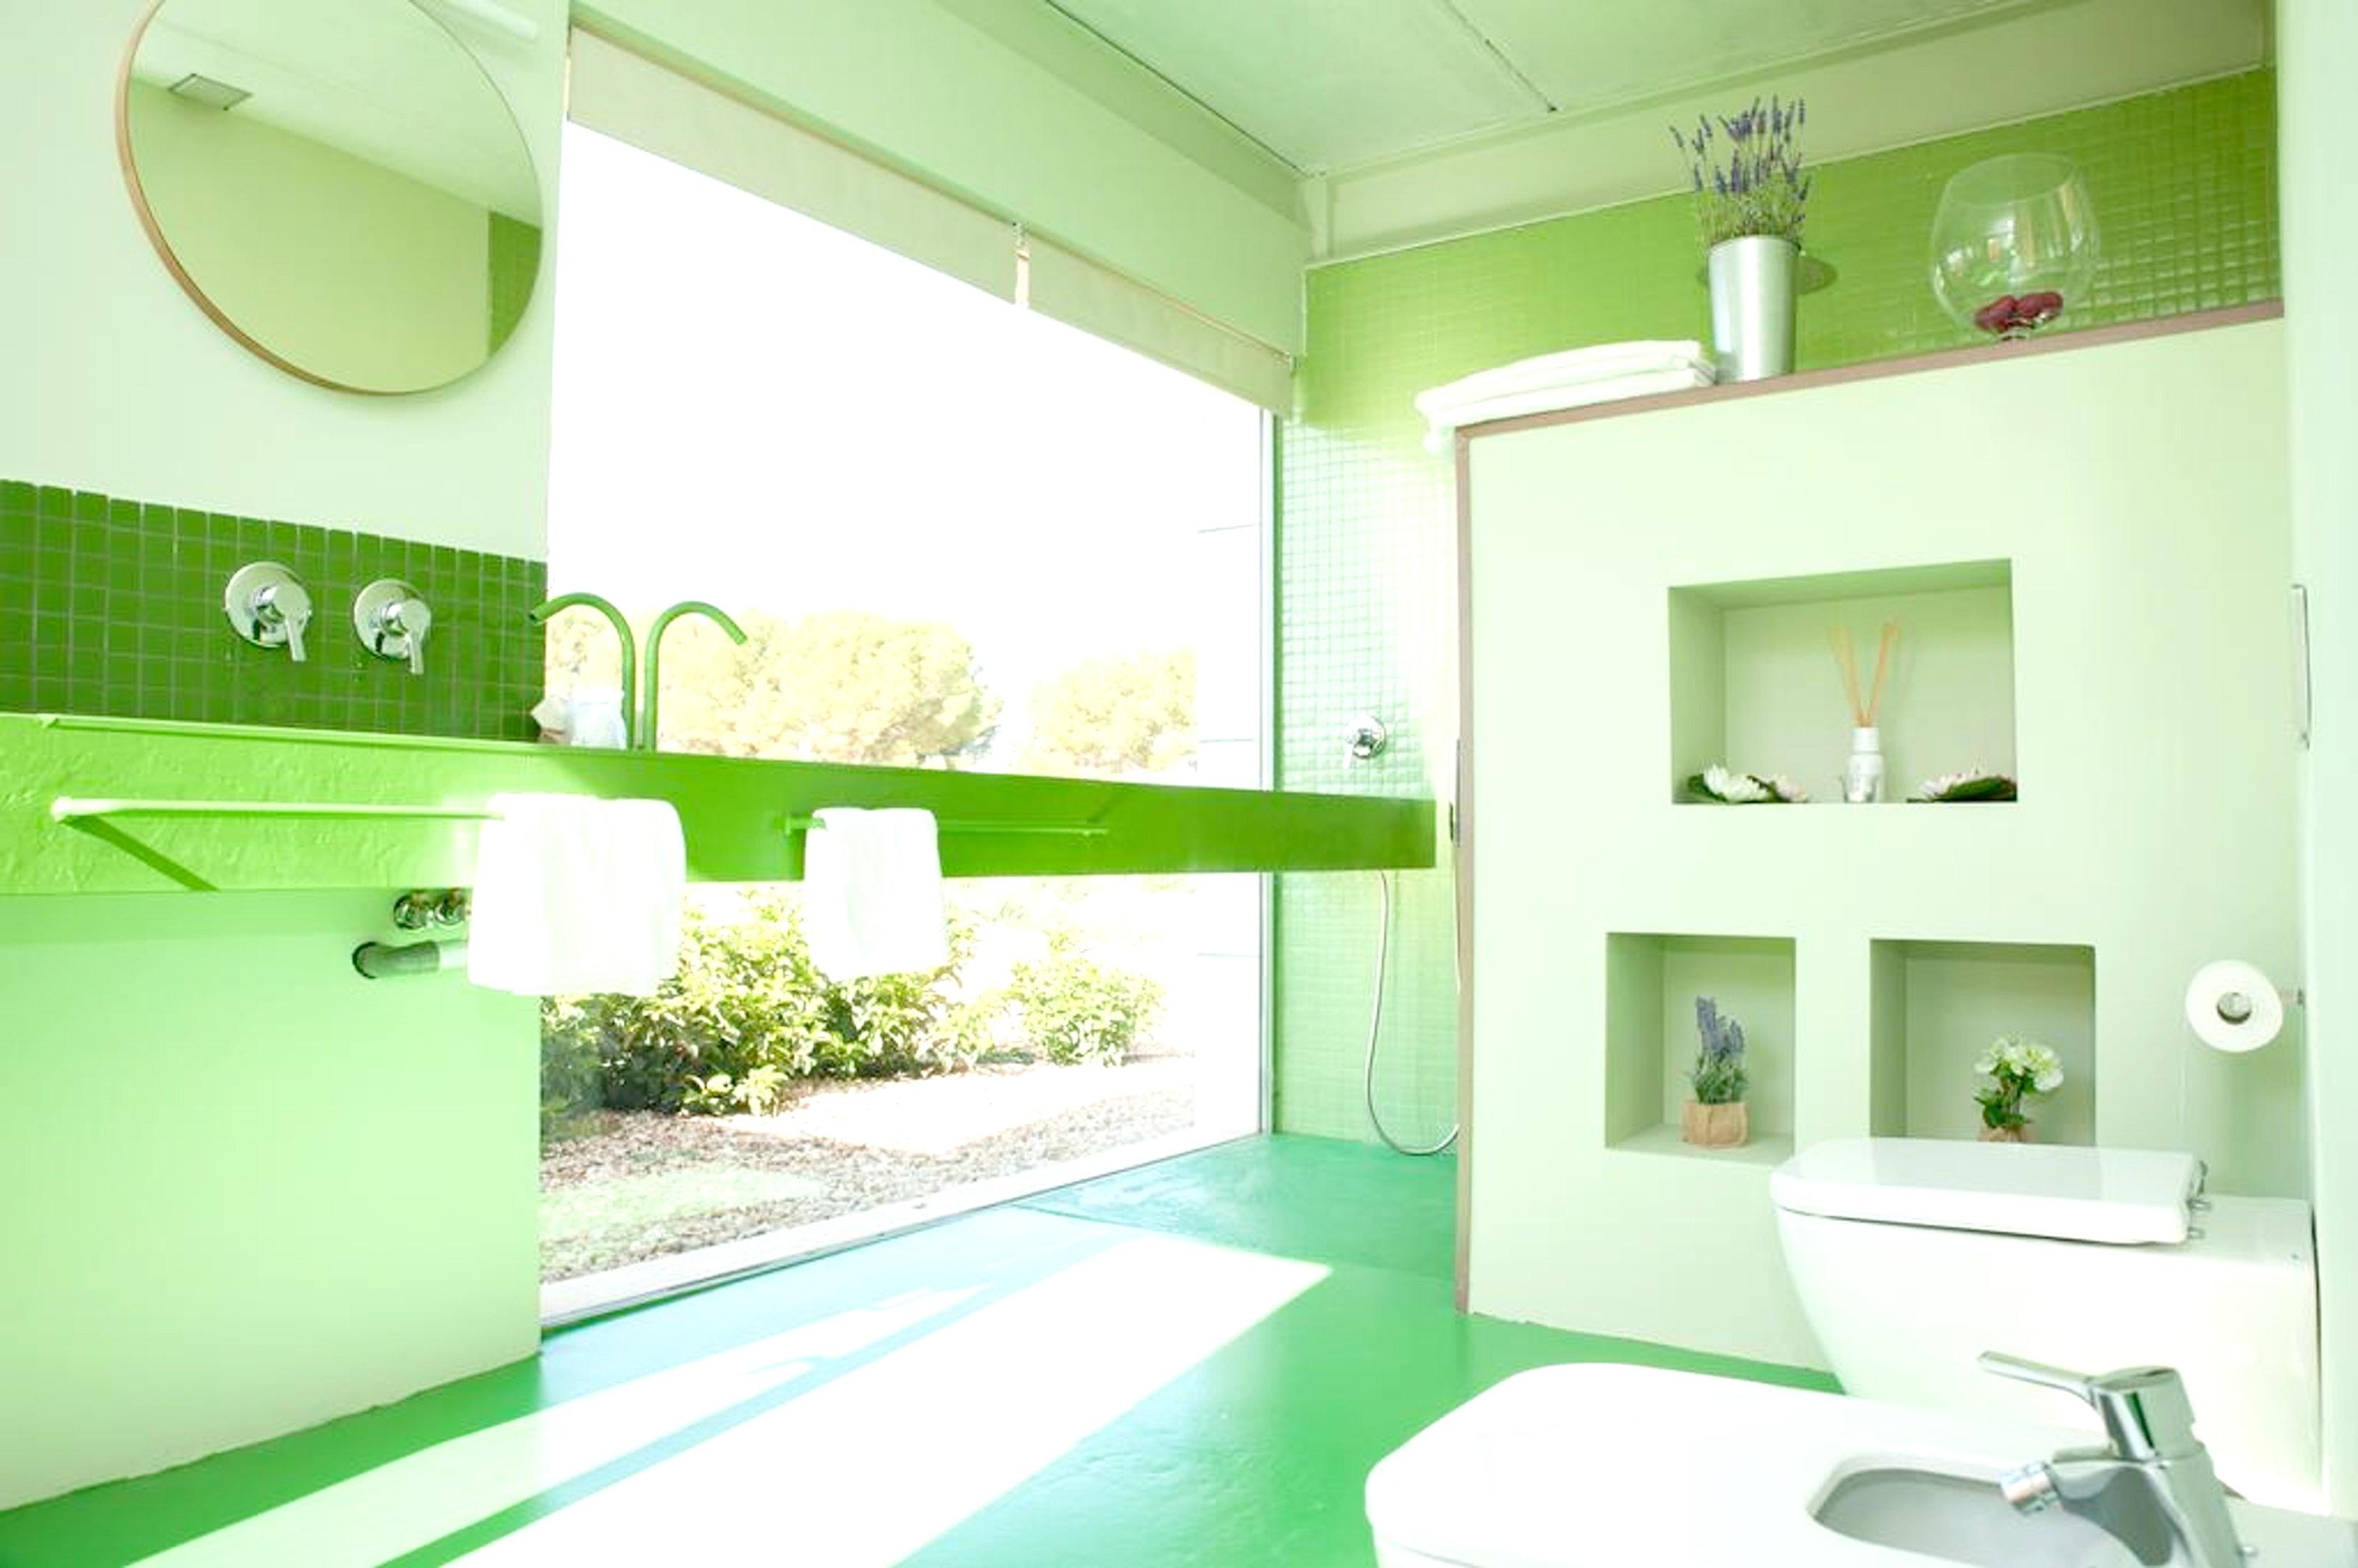 Ferienhaus Haus mit einem Schlafzimmer in Argamasilla de Alba mit Pool, eingezäuntem Garten und W-LAN (2541147), Argamasilla de Alba, Ciudad Real, Kastilien-La Mancha, Spanien, Bild 12